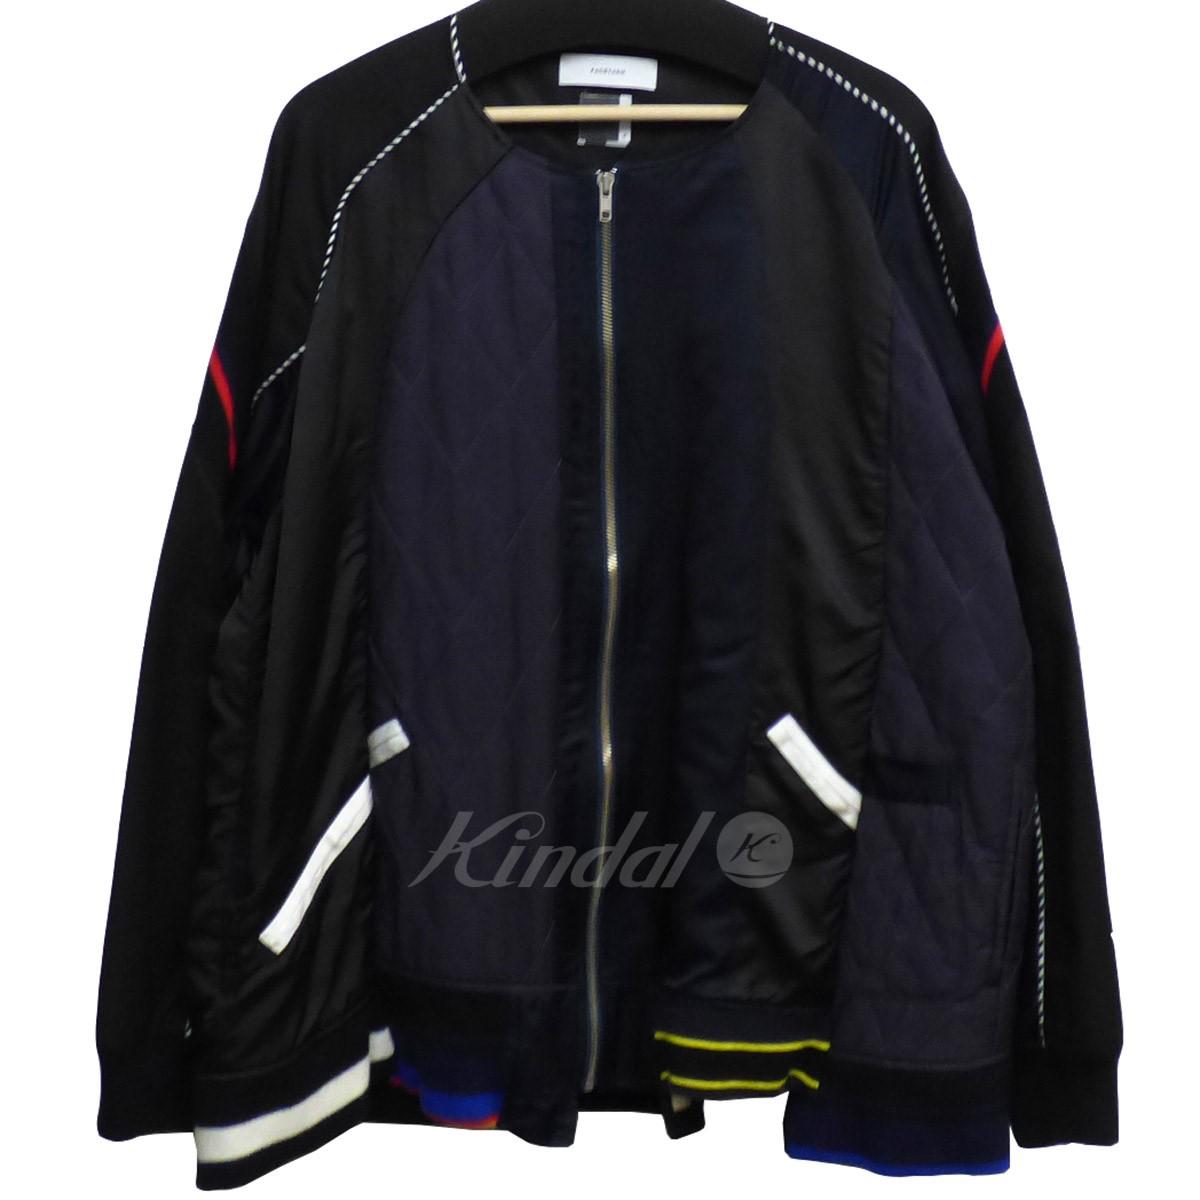 【中古】FACETASM 16AW MIX SKA JACKETミックススカジャケット 再構築スカジャンMA-1 マルチカラー サイズ:5 【送料無料】 【040219】(ファセッタズム)